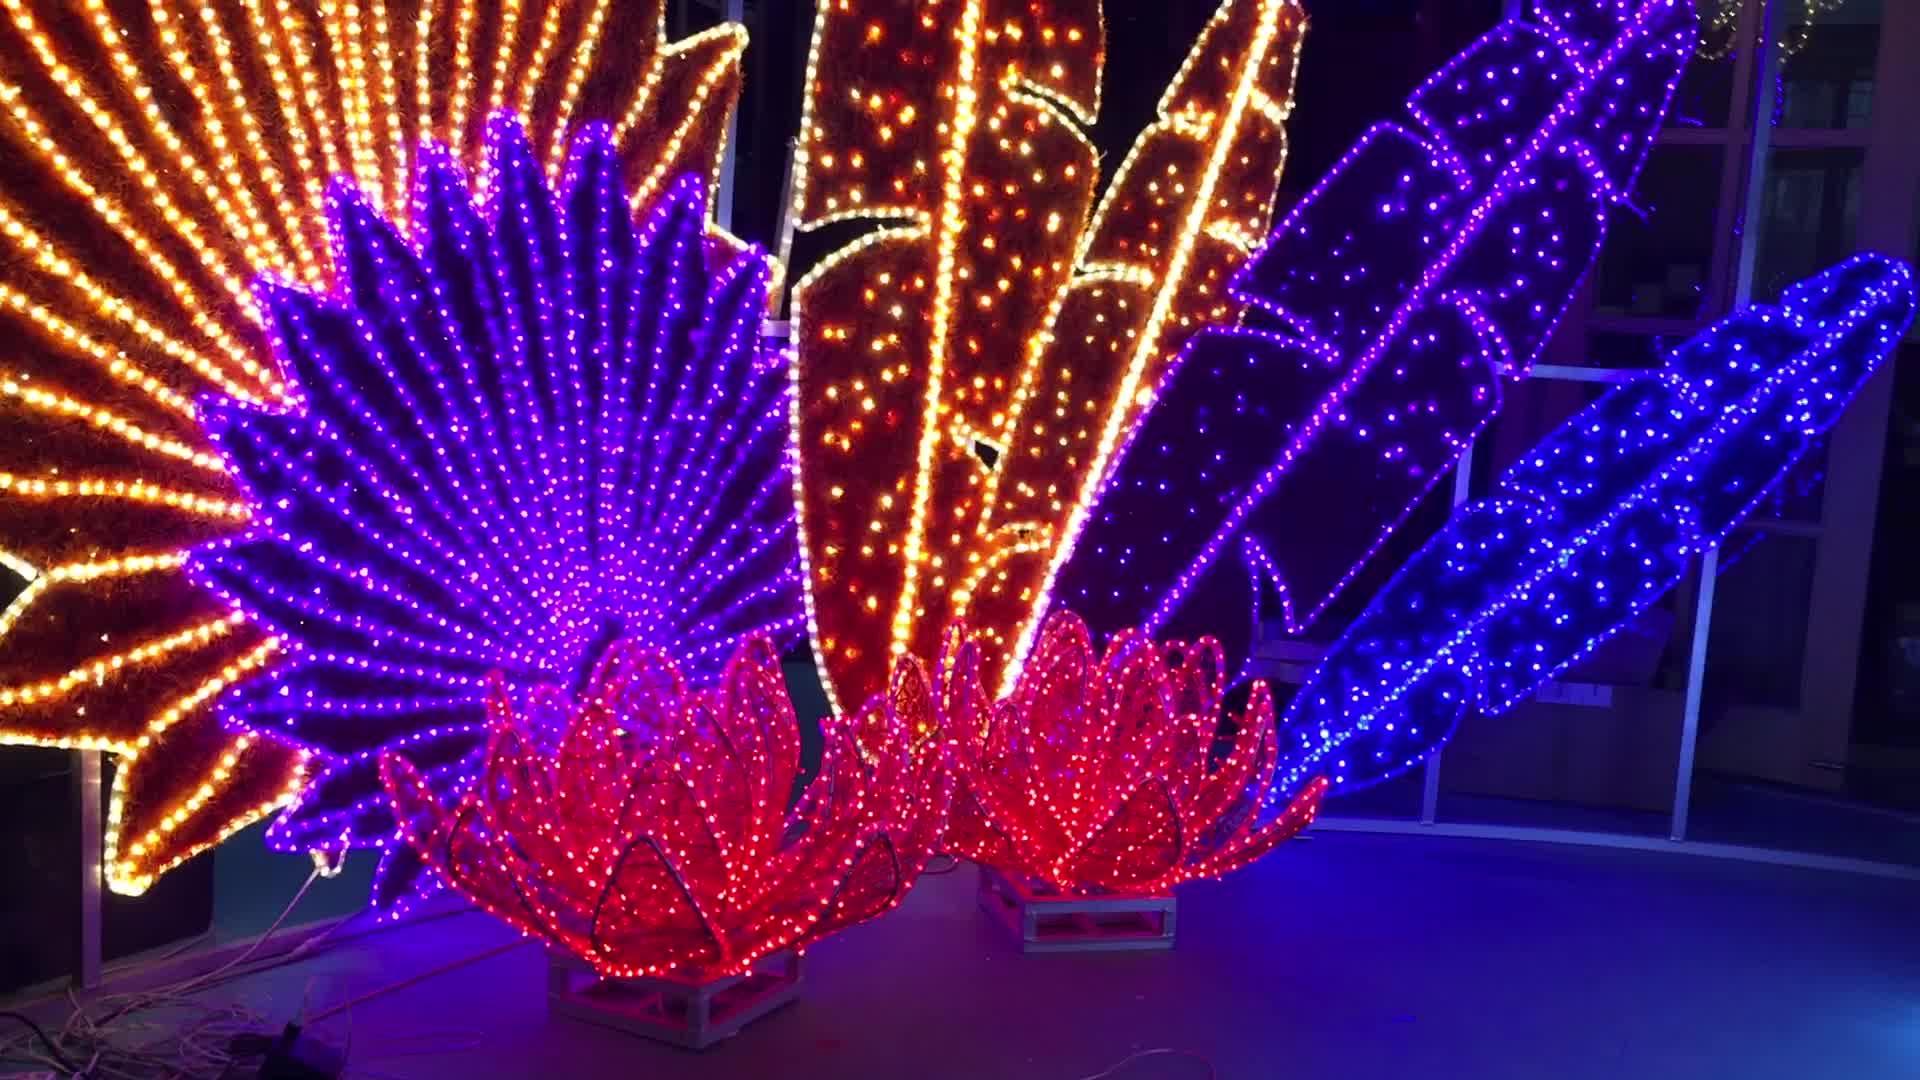 3D ขนาดใหญ่ LED คริสต์มาสของขวัญกล่อง/หมีขั้วโลก/ร่ม/Reindeer/ปีกตกแต่ง LED Motif สำหรับ street